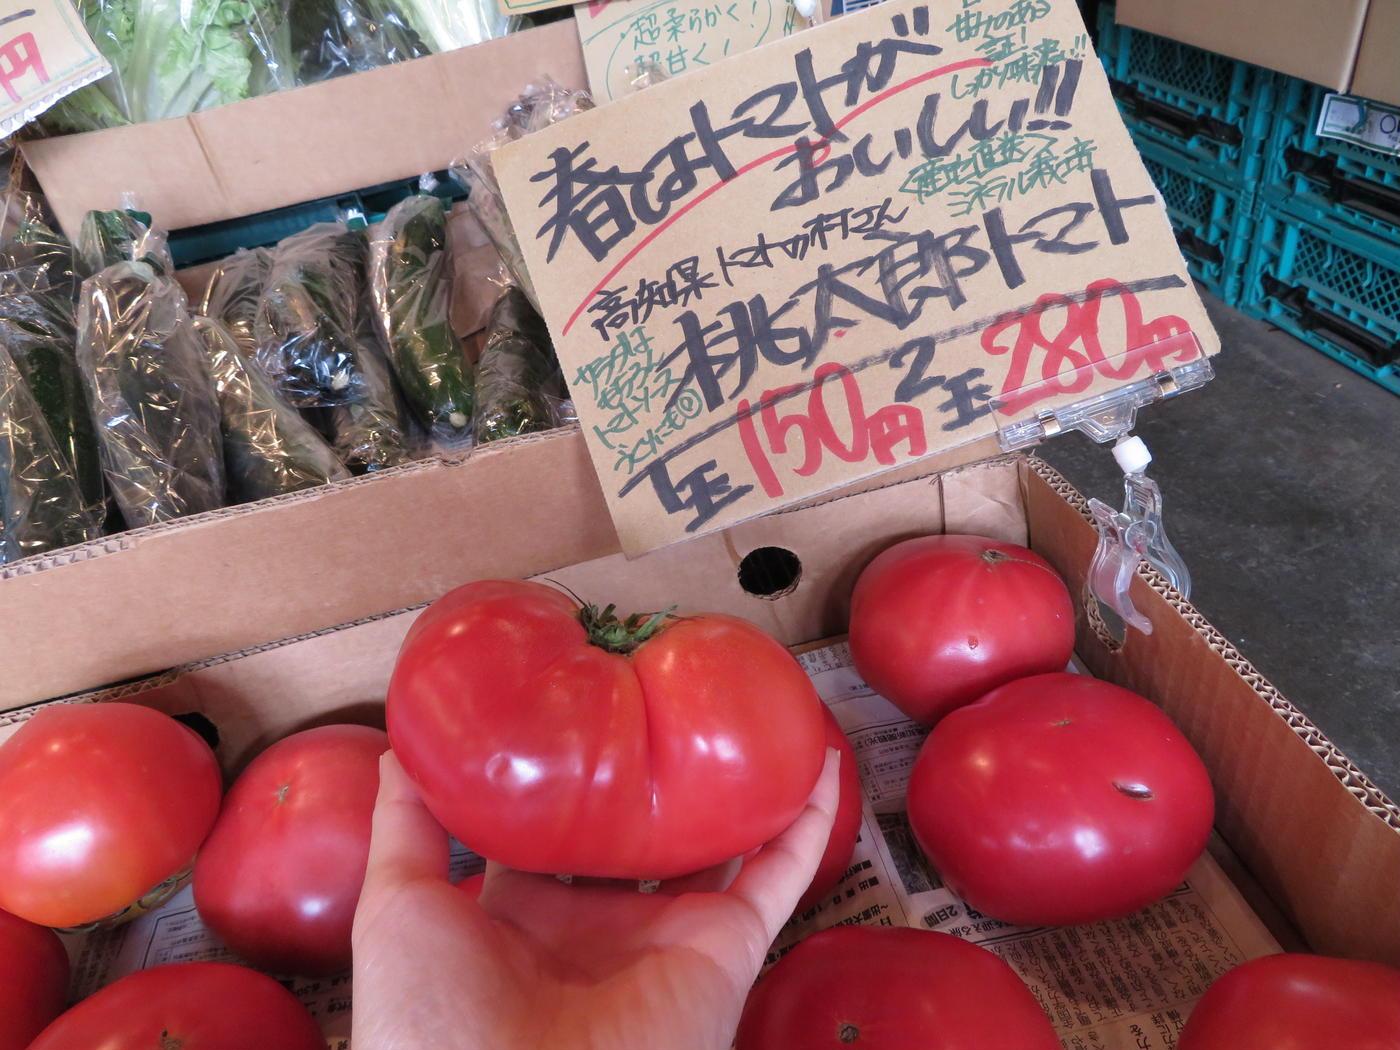 旬八青果店-トマト